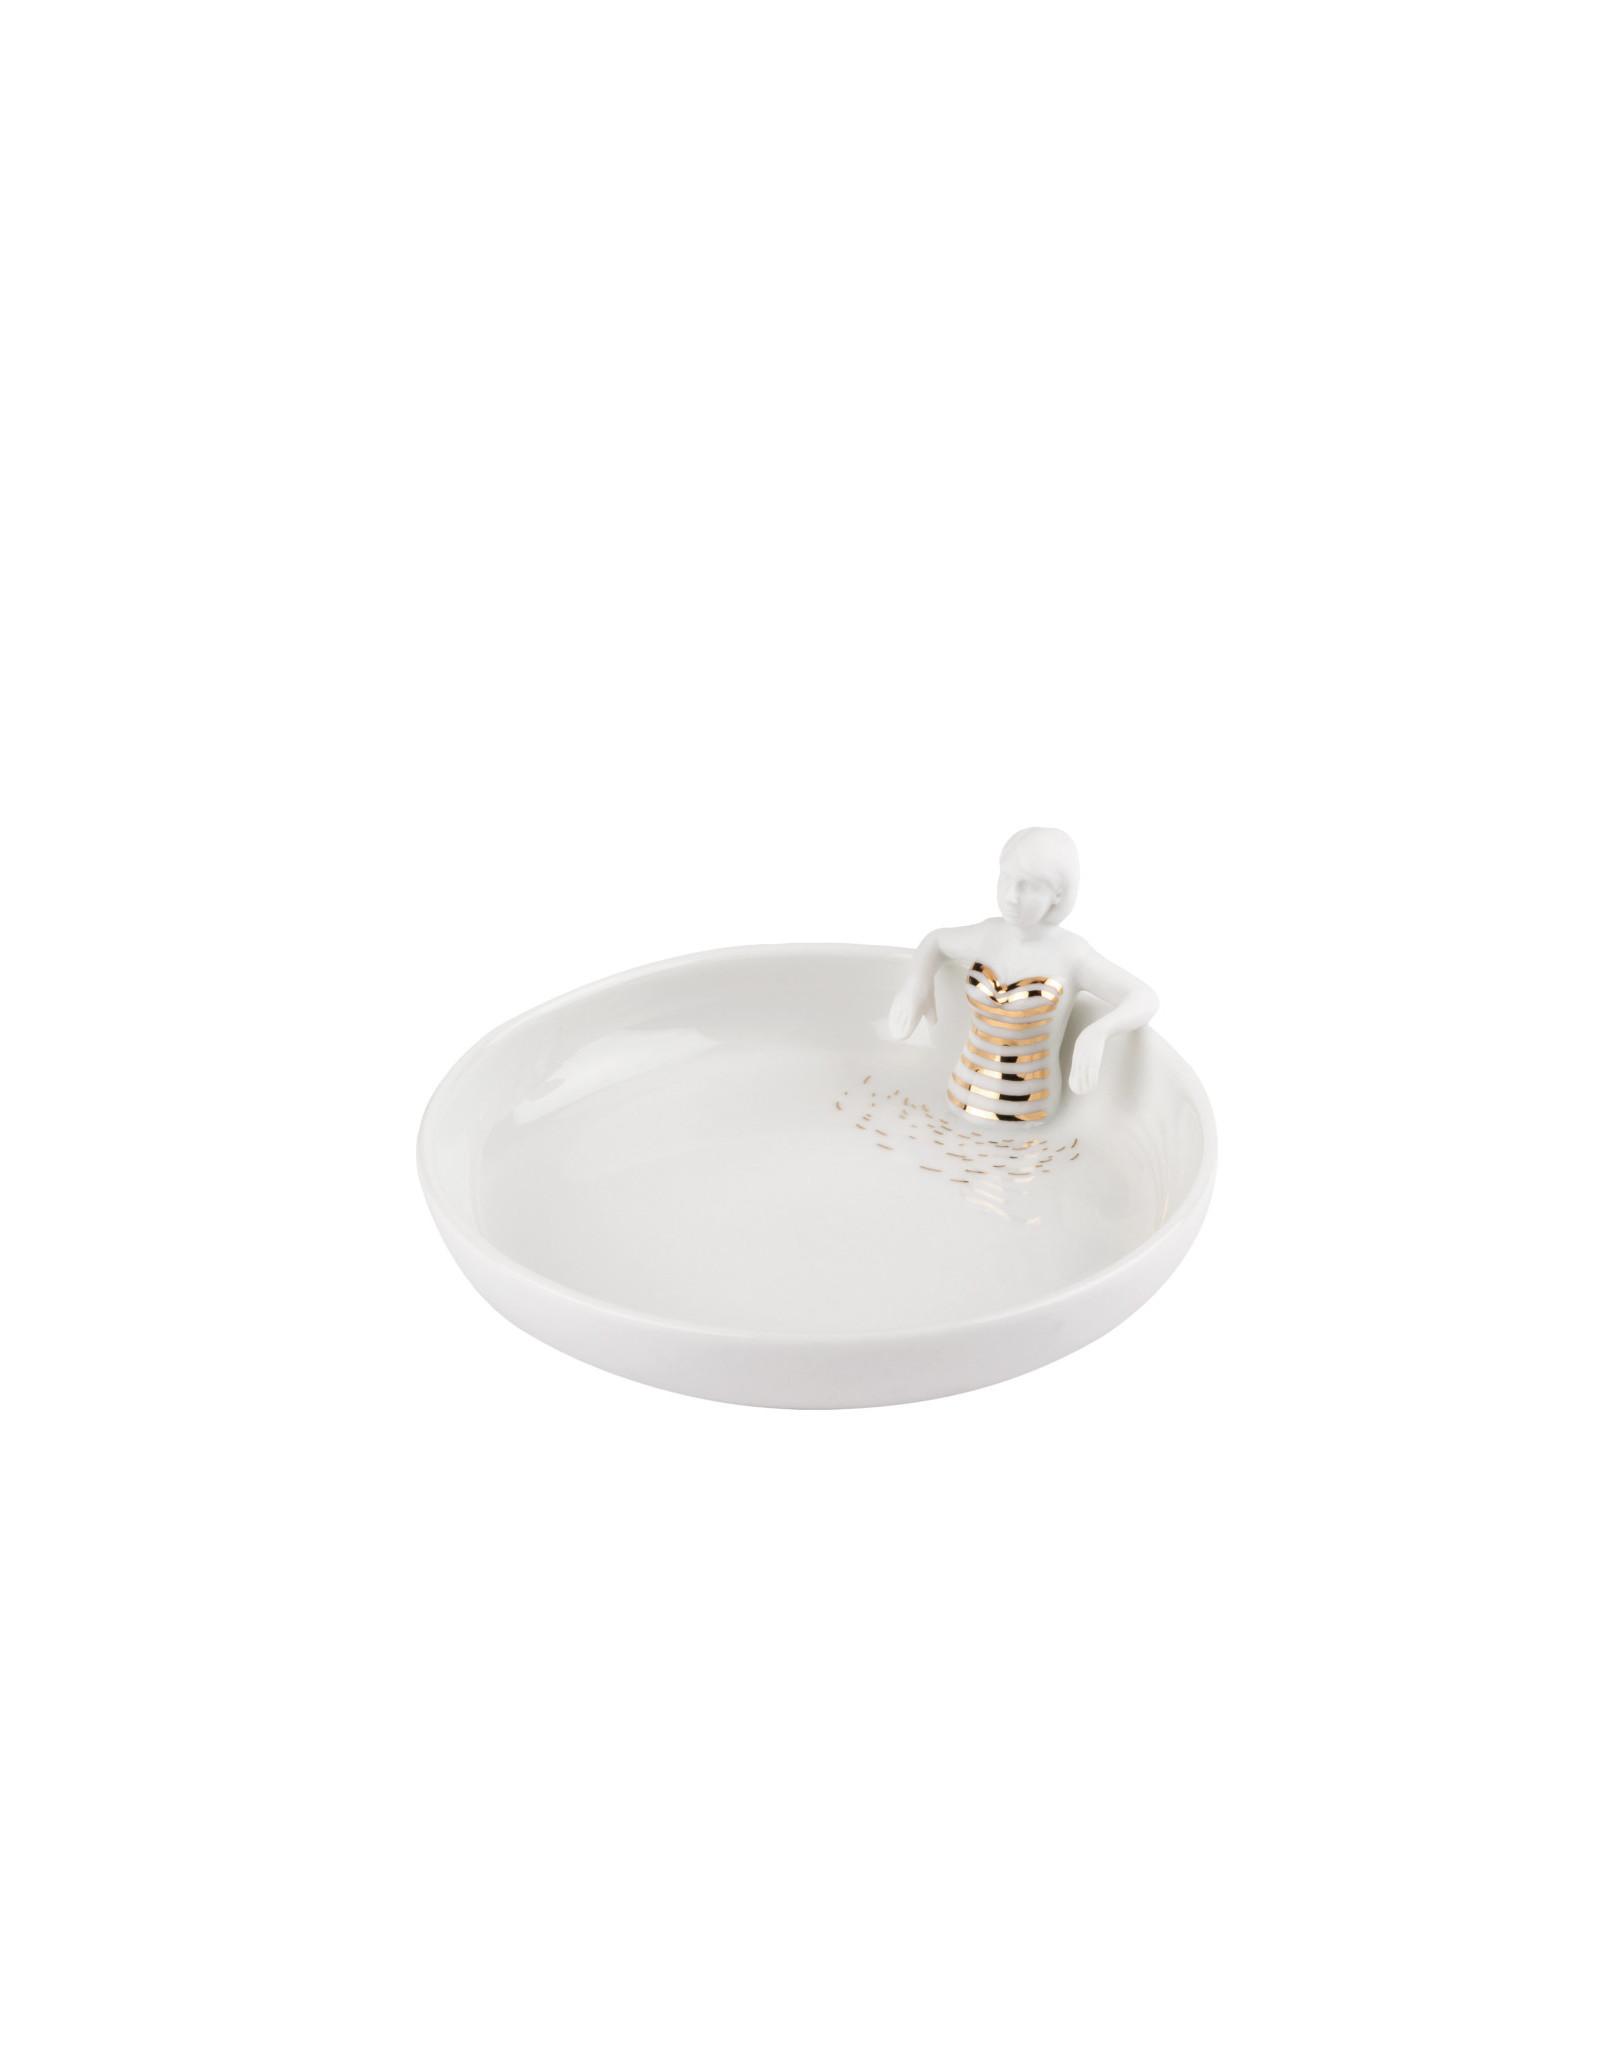 Raeder Bord voor juwelen zwembad 11,5x4,5cm